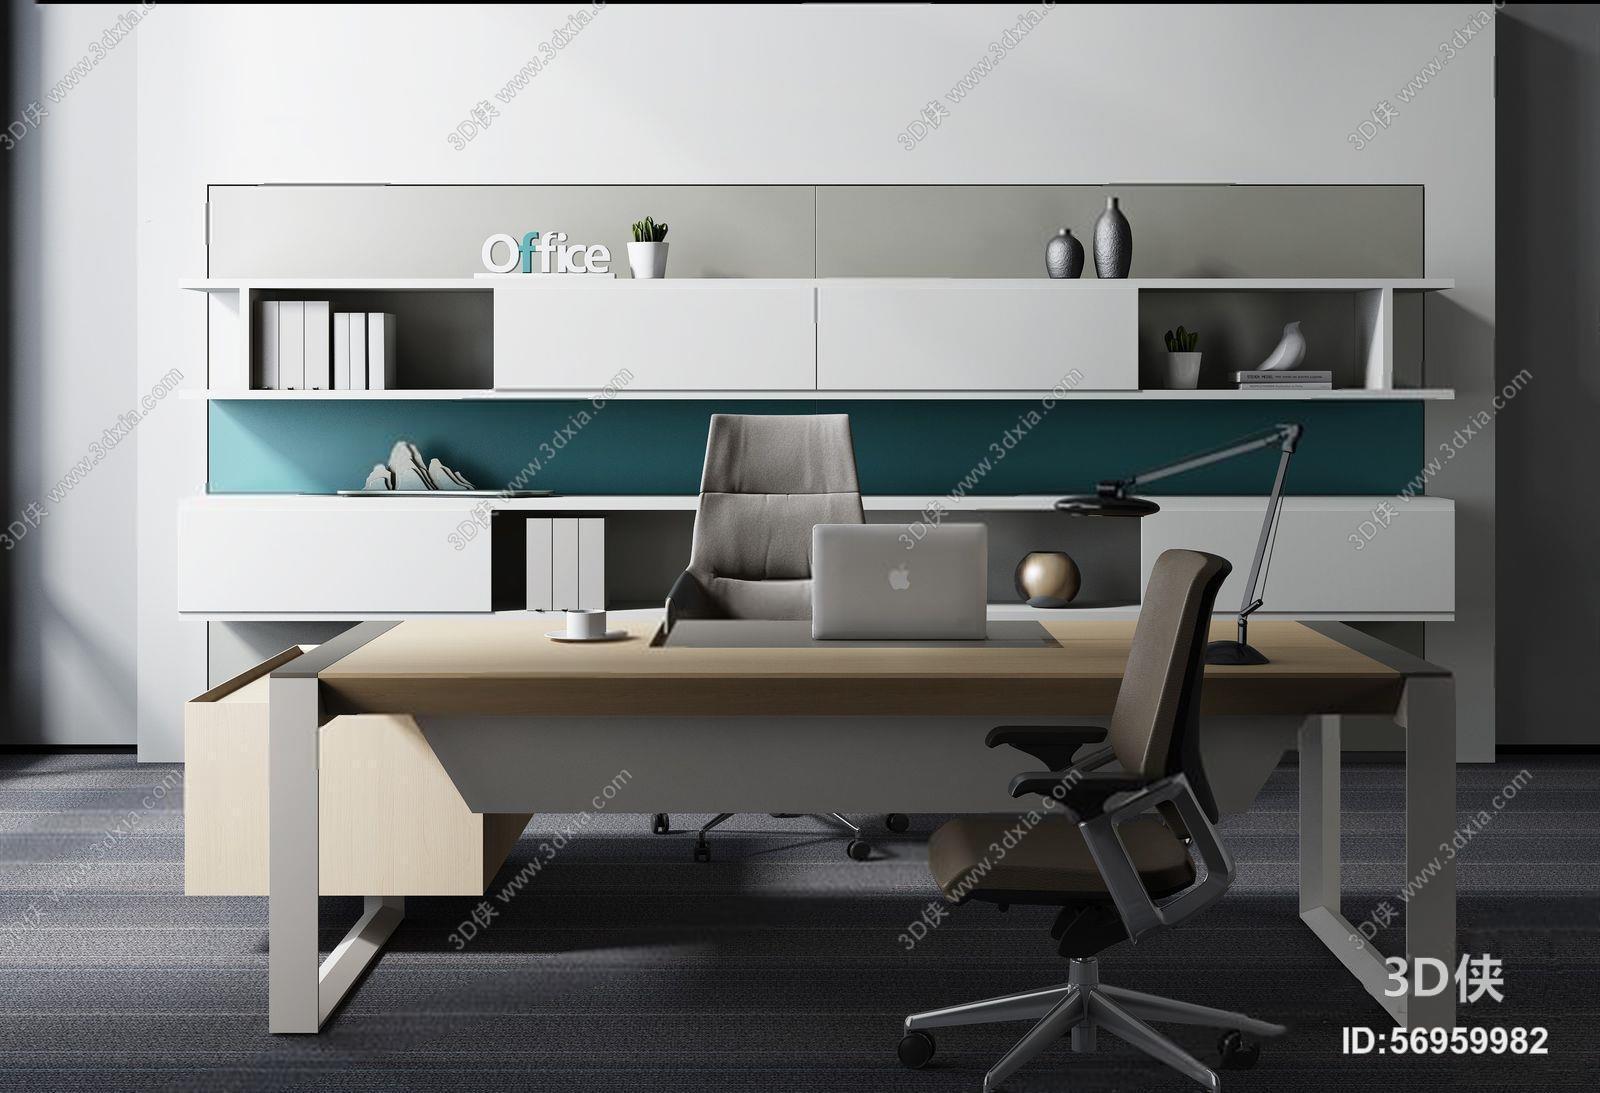 吊灯效果图素材免费下载,本作品主题是现代老总办公室 现代办公桌椅